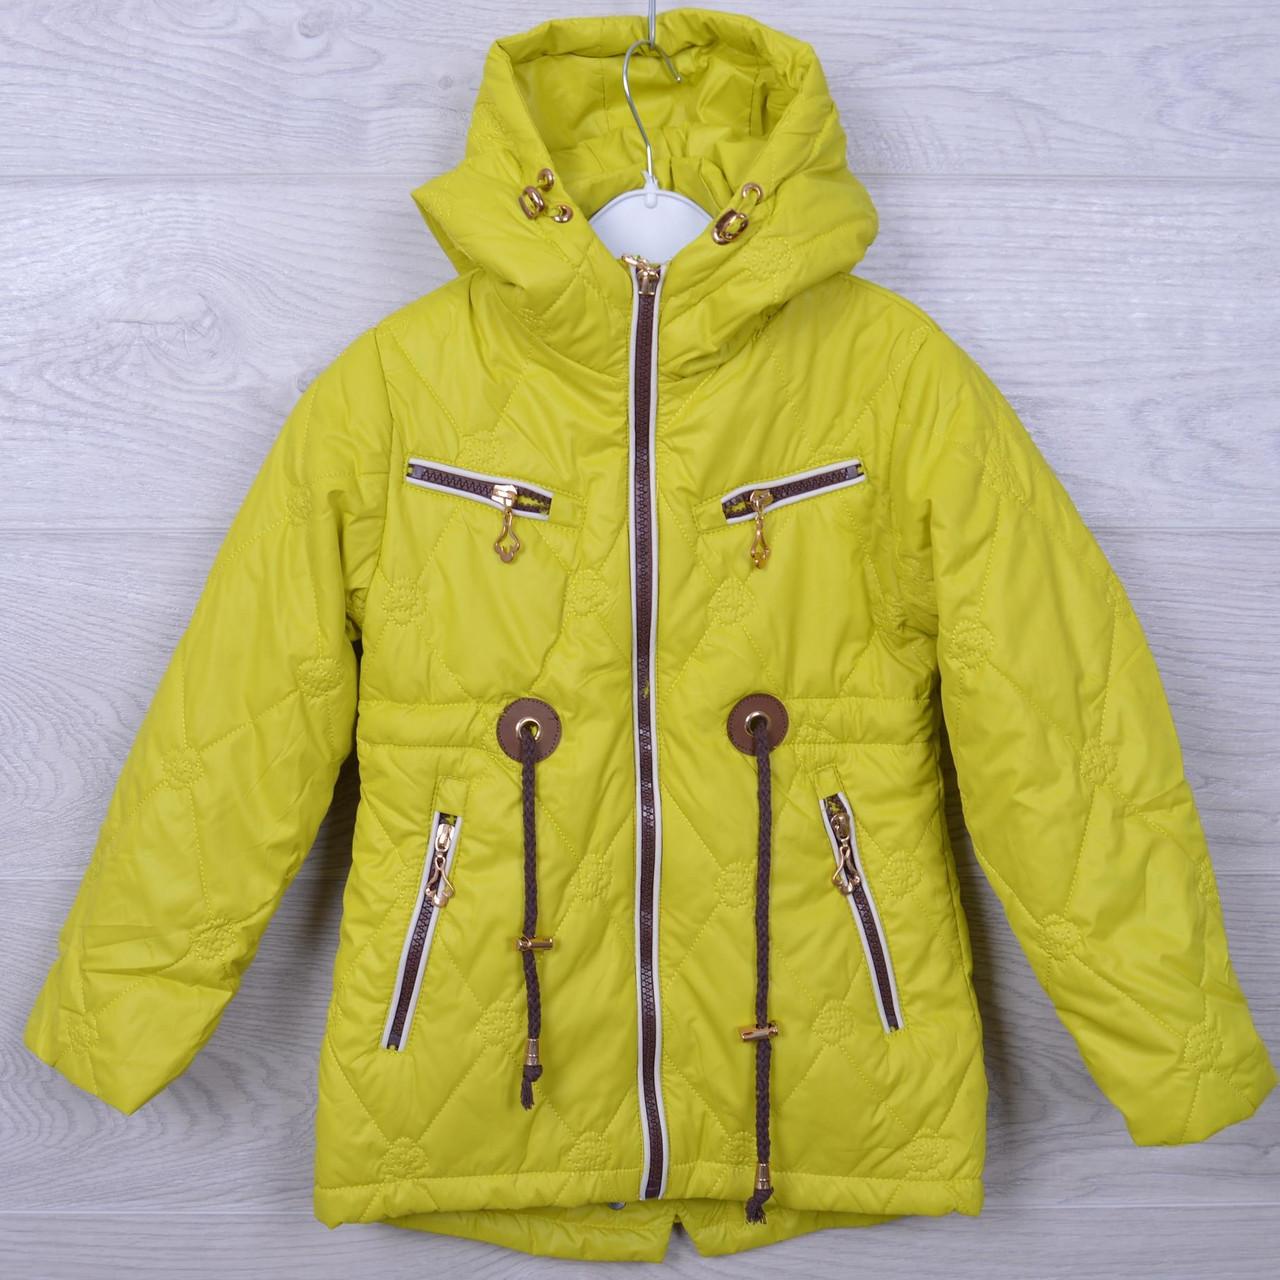 Куртка подростковая демисезонная Кузя#66-302 для девочек. 110-134 см. Лайма. Оптом.